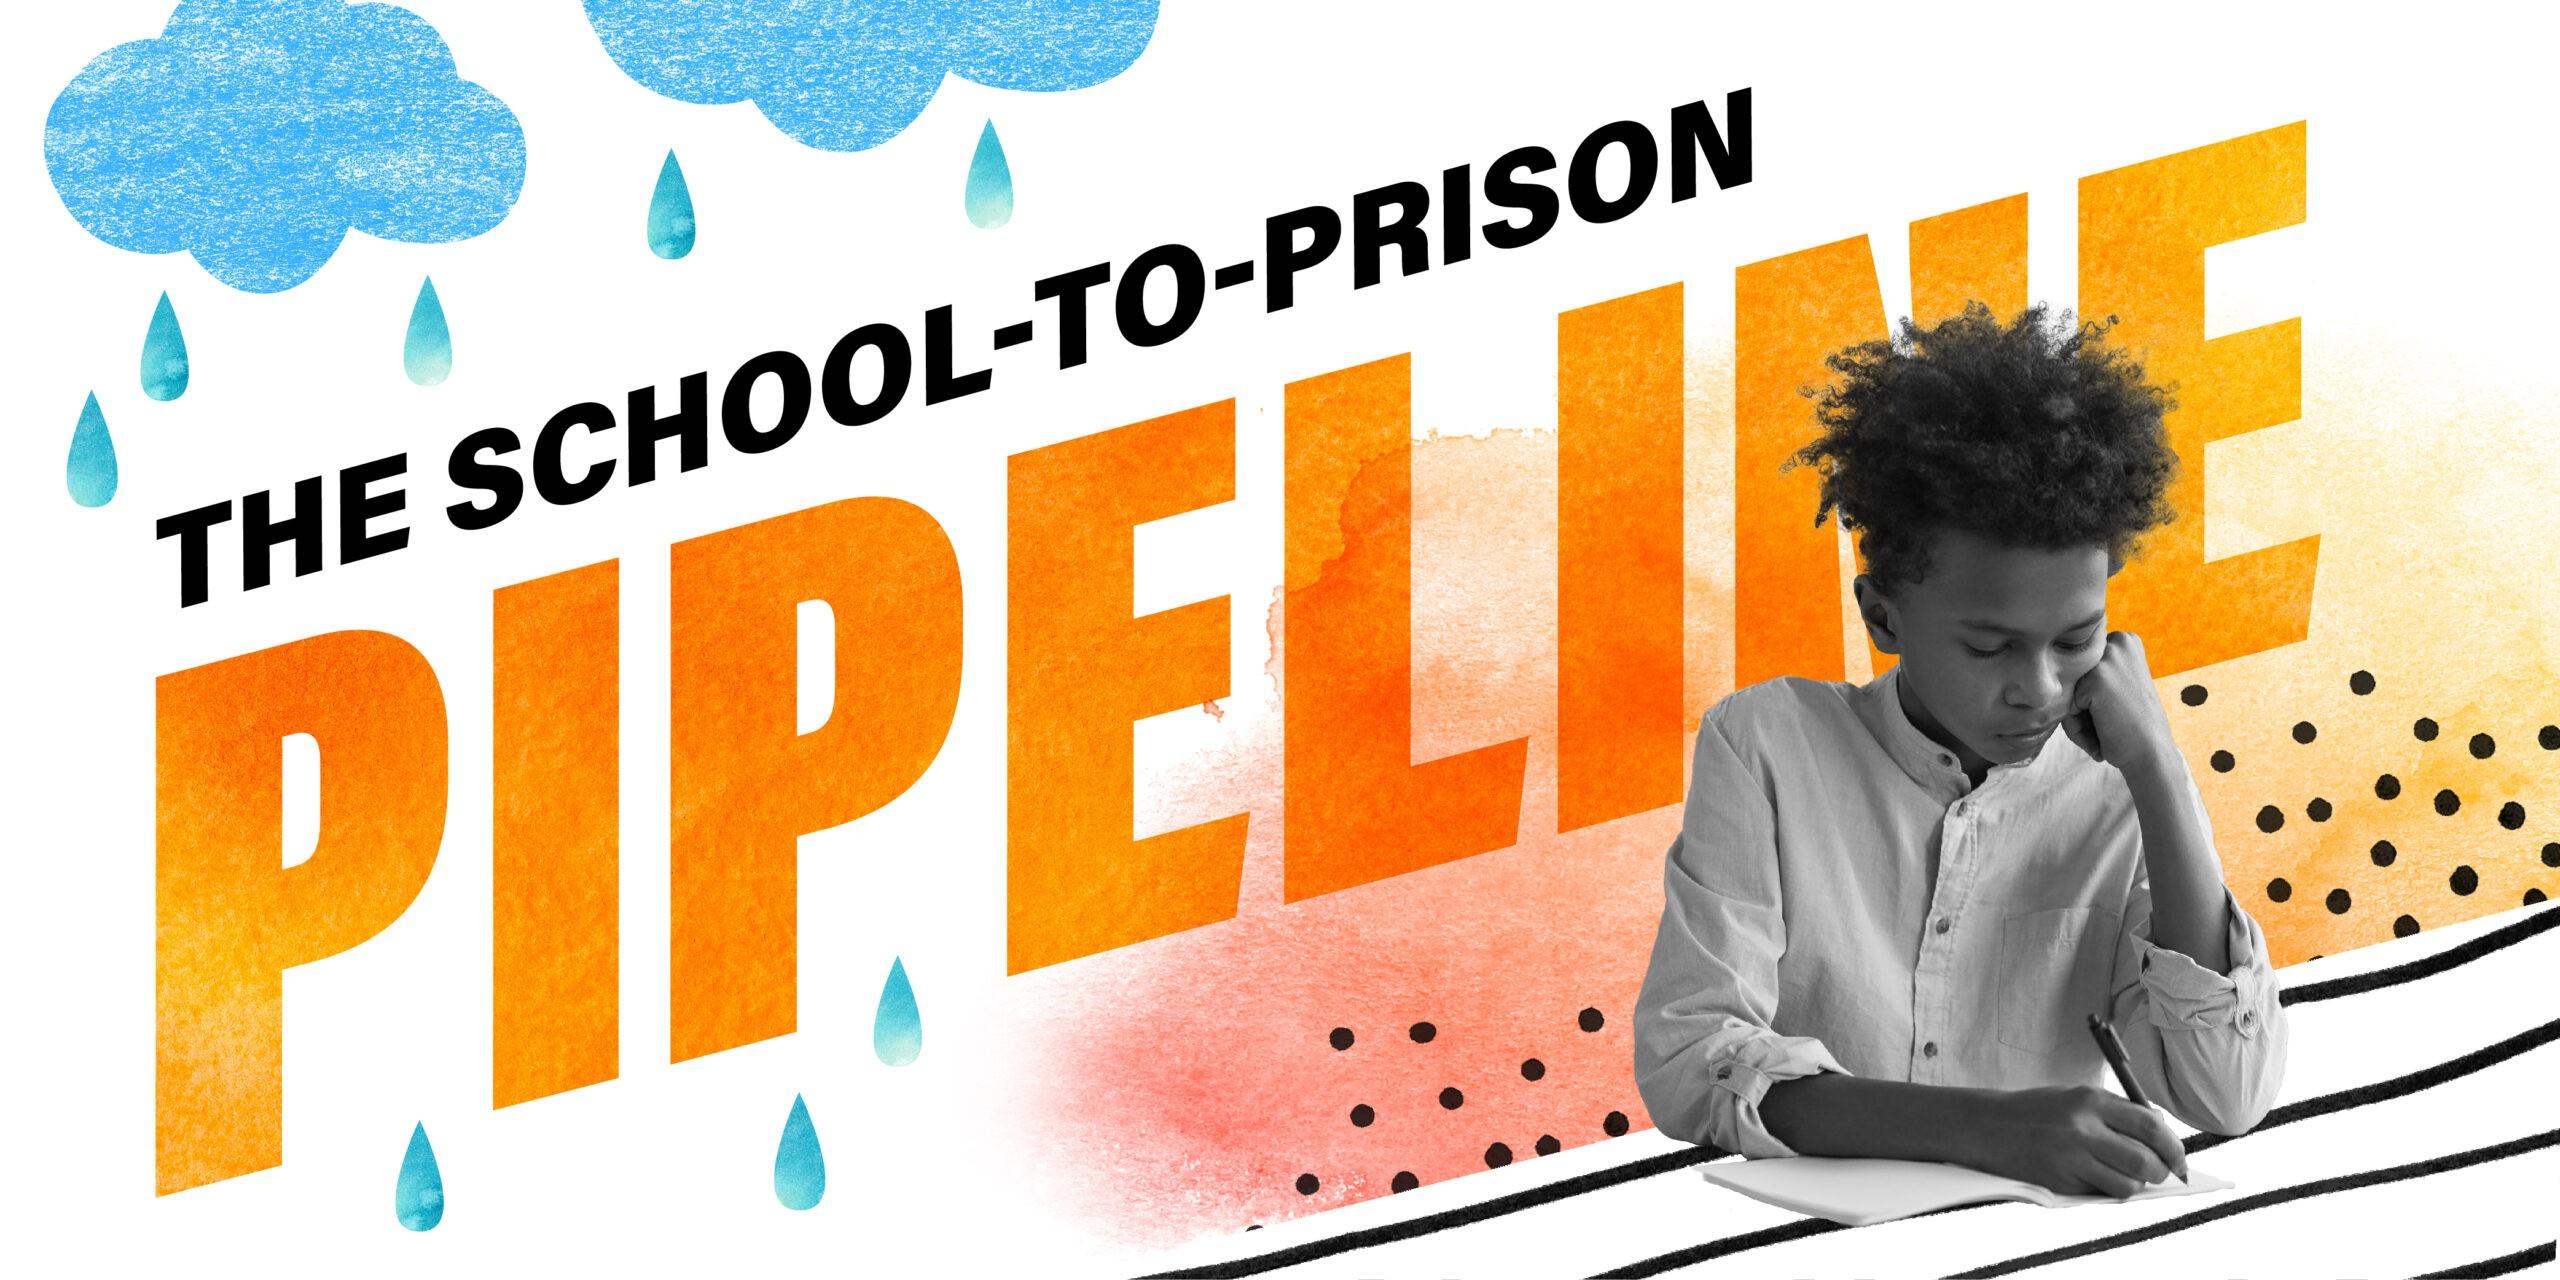 The School-to-Prison Pipeline